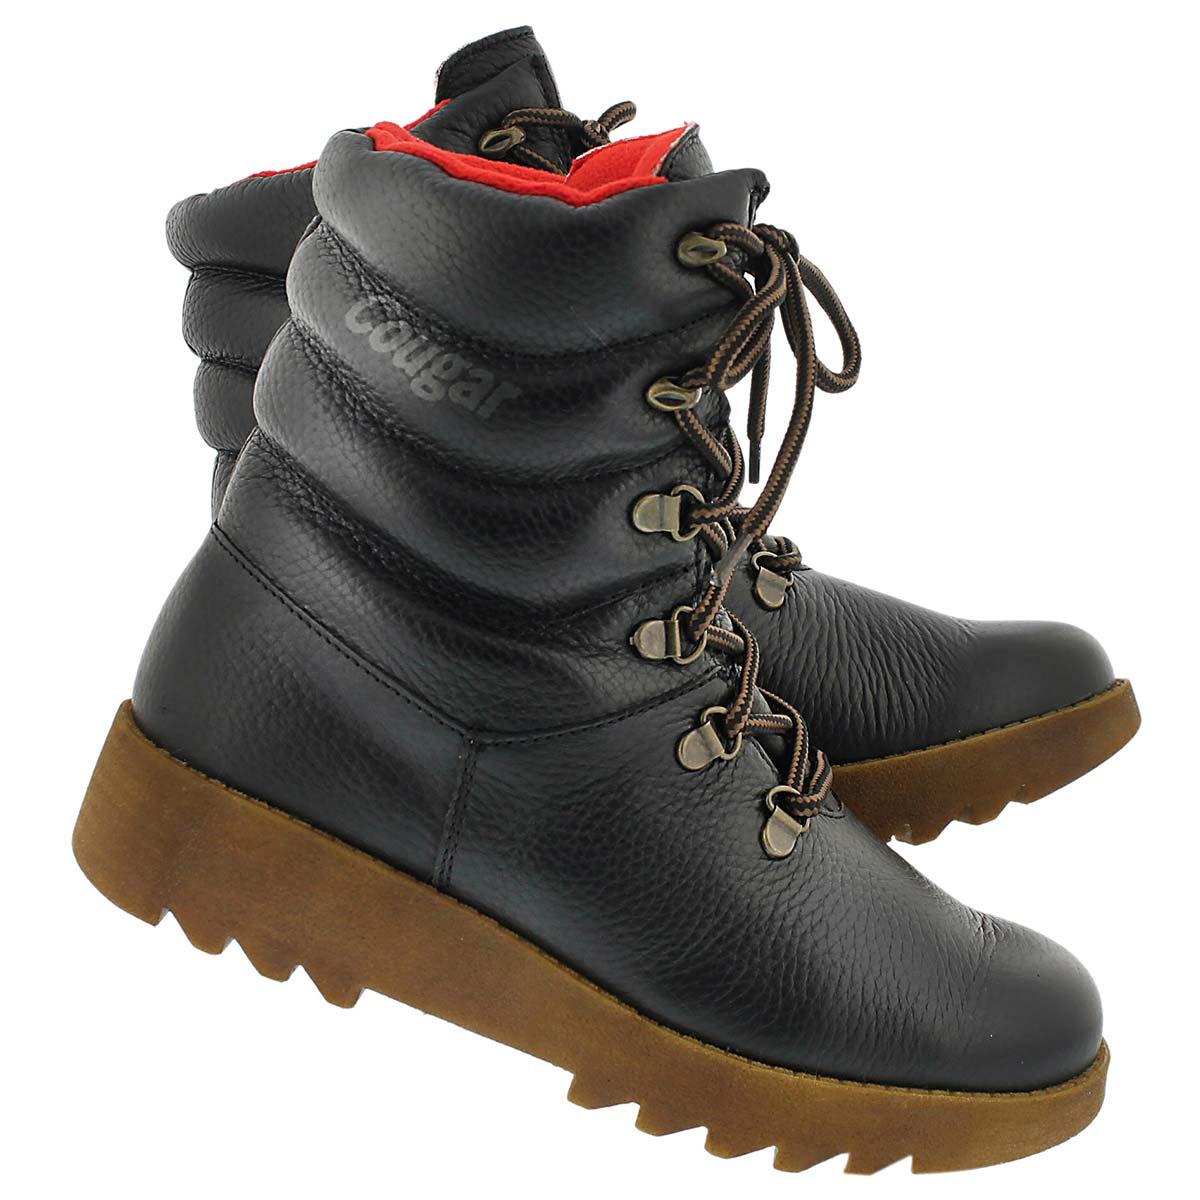 Lds 39068 Original blk wtrpf winter boot